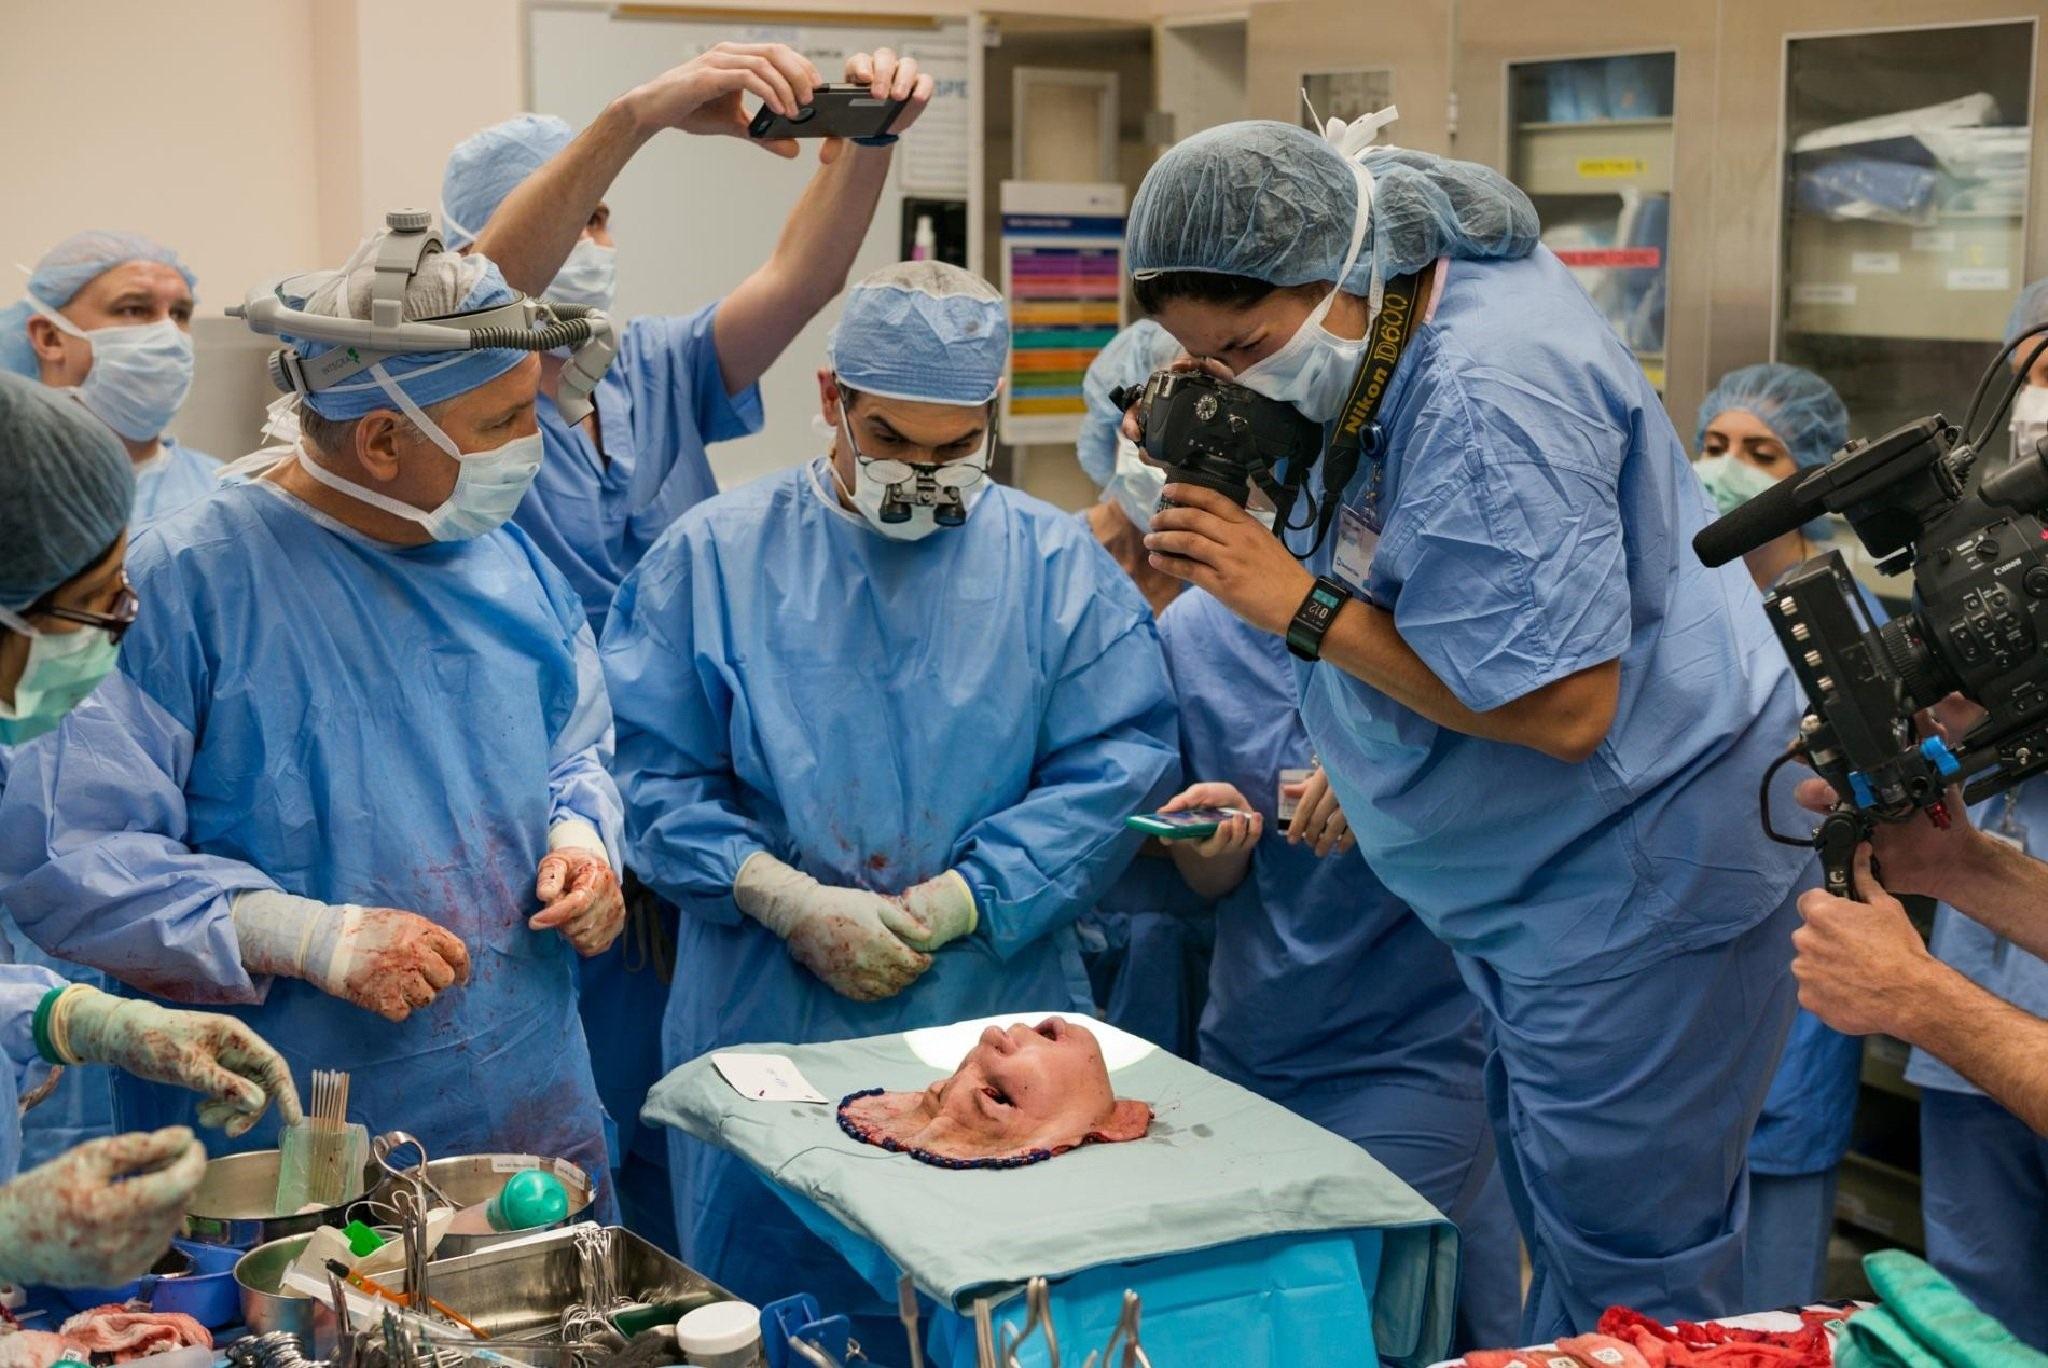 Câu chuyện bất ngờ đằng sau 2 khoảnh khắc y khoa lọt top những bức ảnh xuất sắc nhất thập kỷ - 2